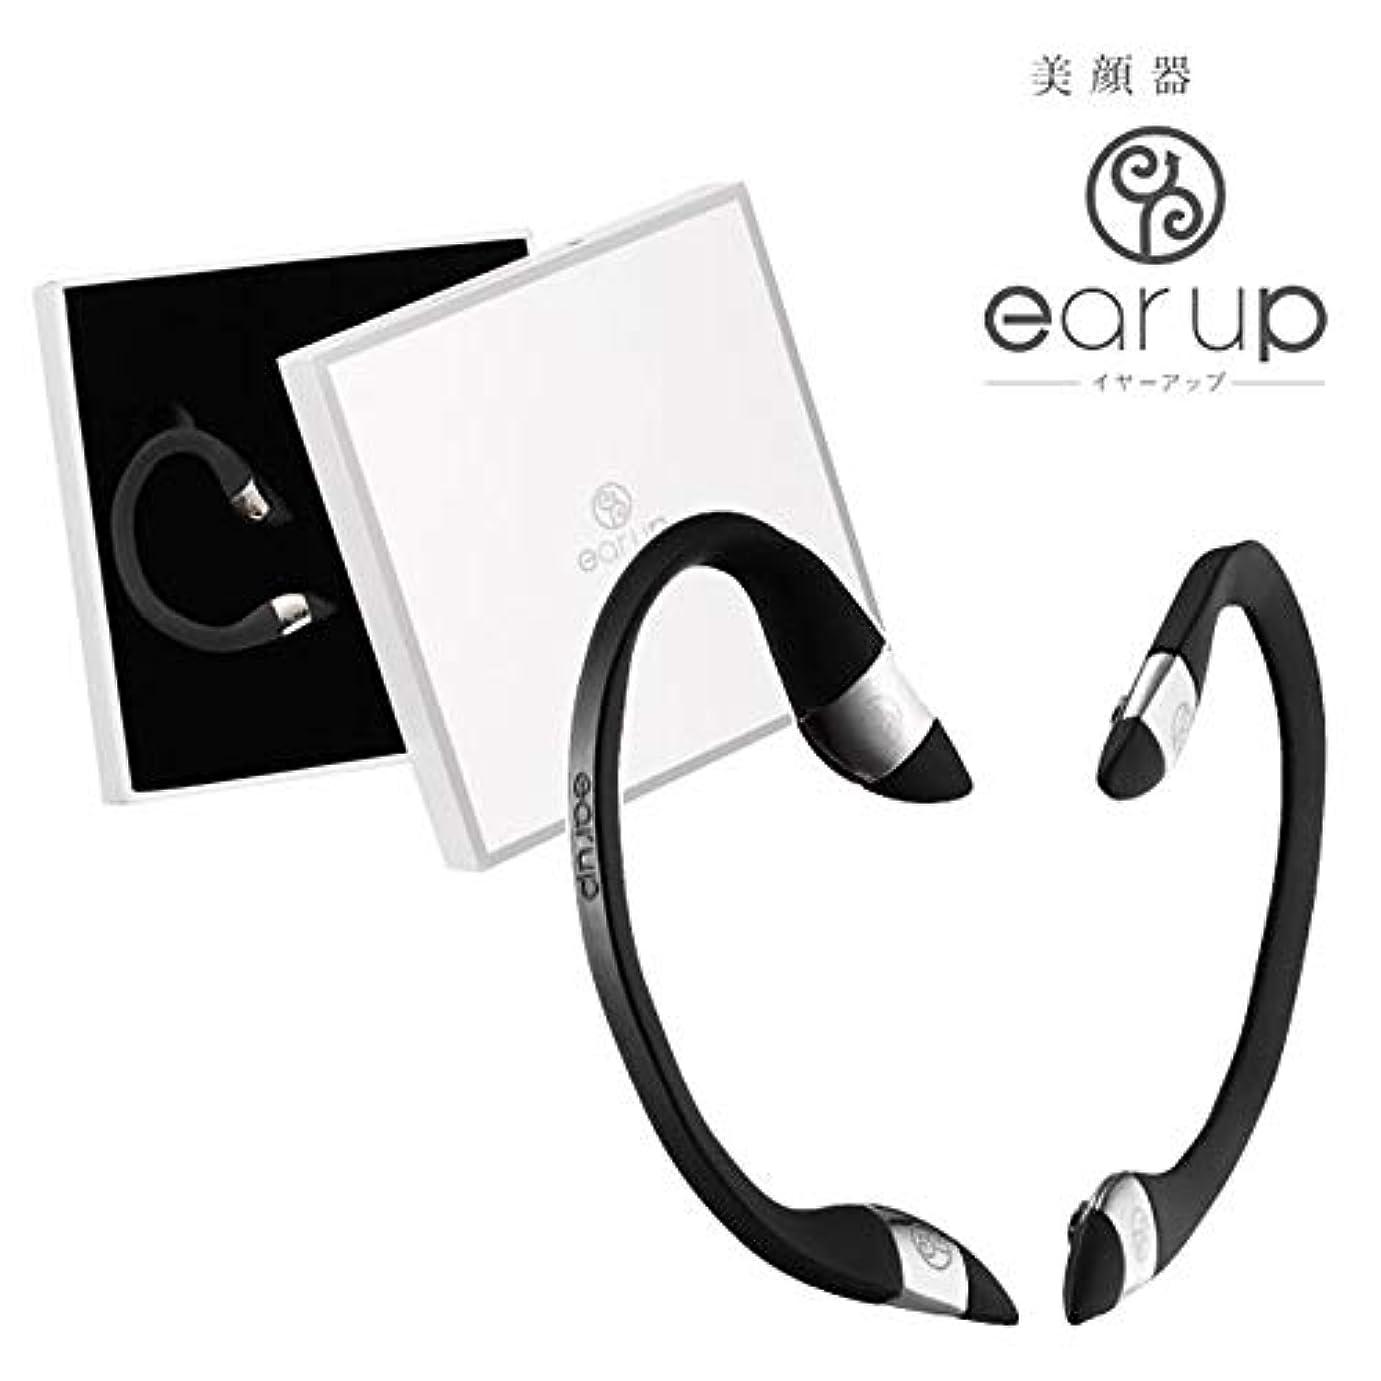 地球気になるコンピューターを使用するエイベックスビューティーメソッド ear up(イヤーアップ)